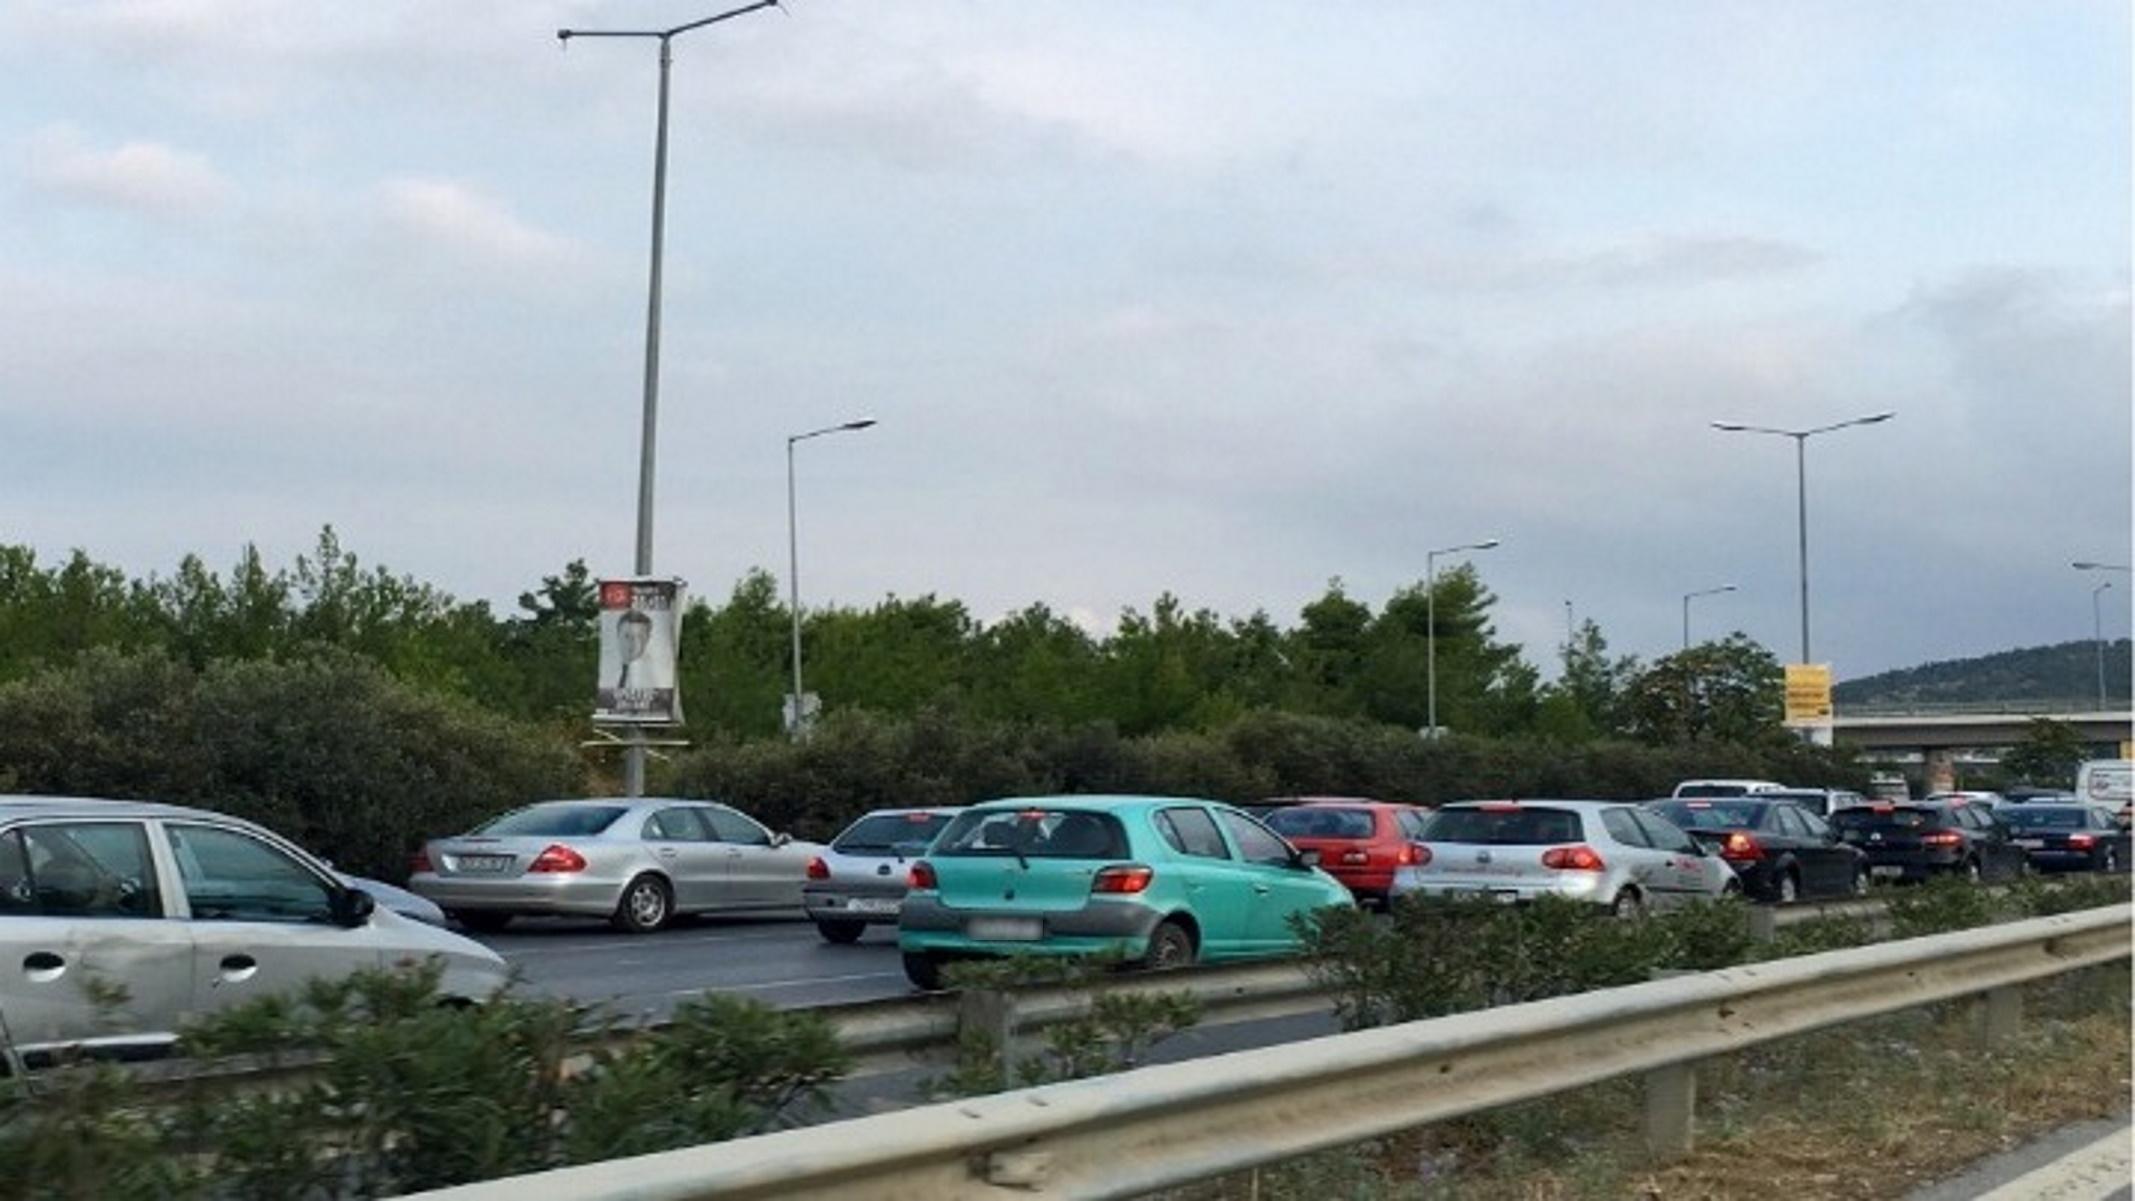 Επεκτείνονται σε Κ. Μακεδονία, Πελοπόννησο και Β. Αιγαίο οι υπηρεσίες για άδειες οδήγησης μέσω gov.gr